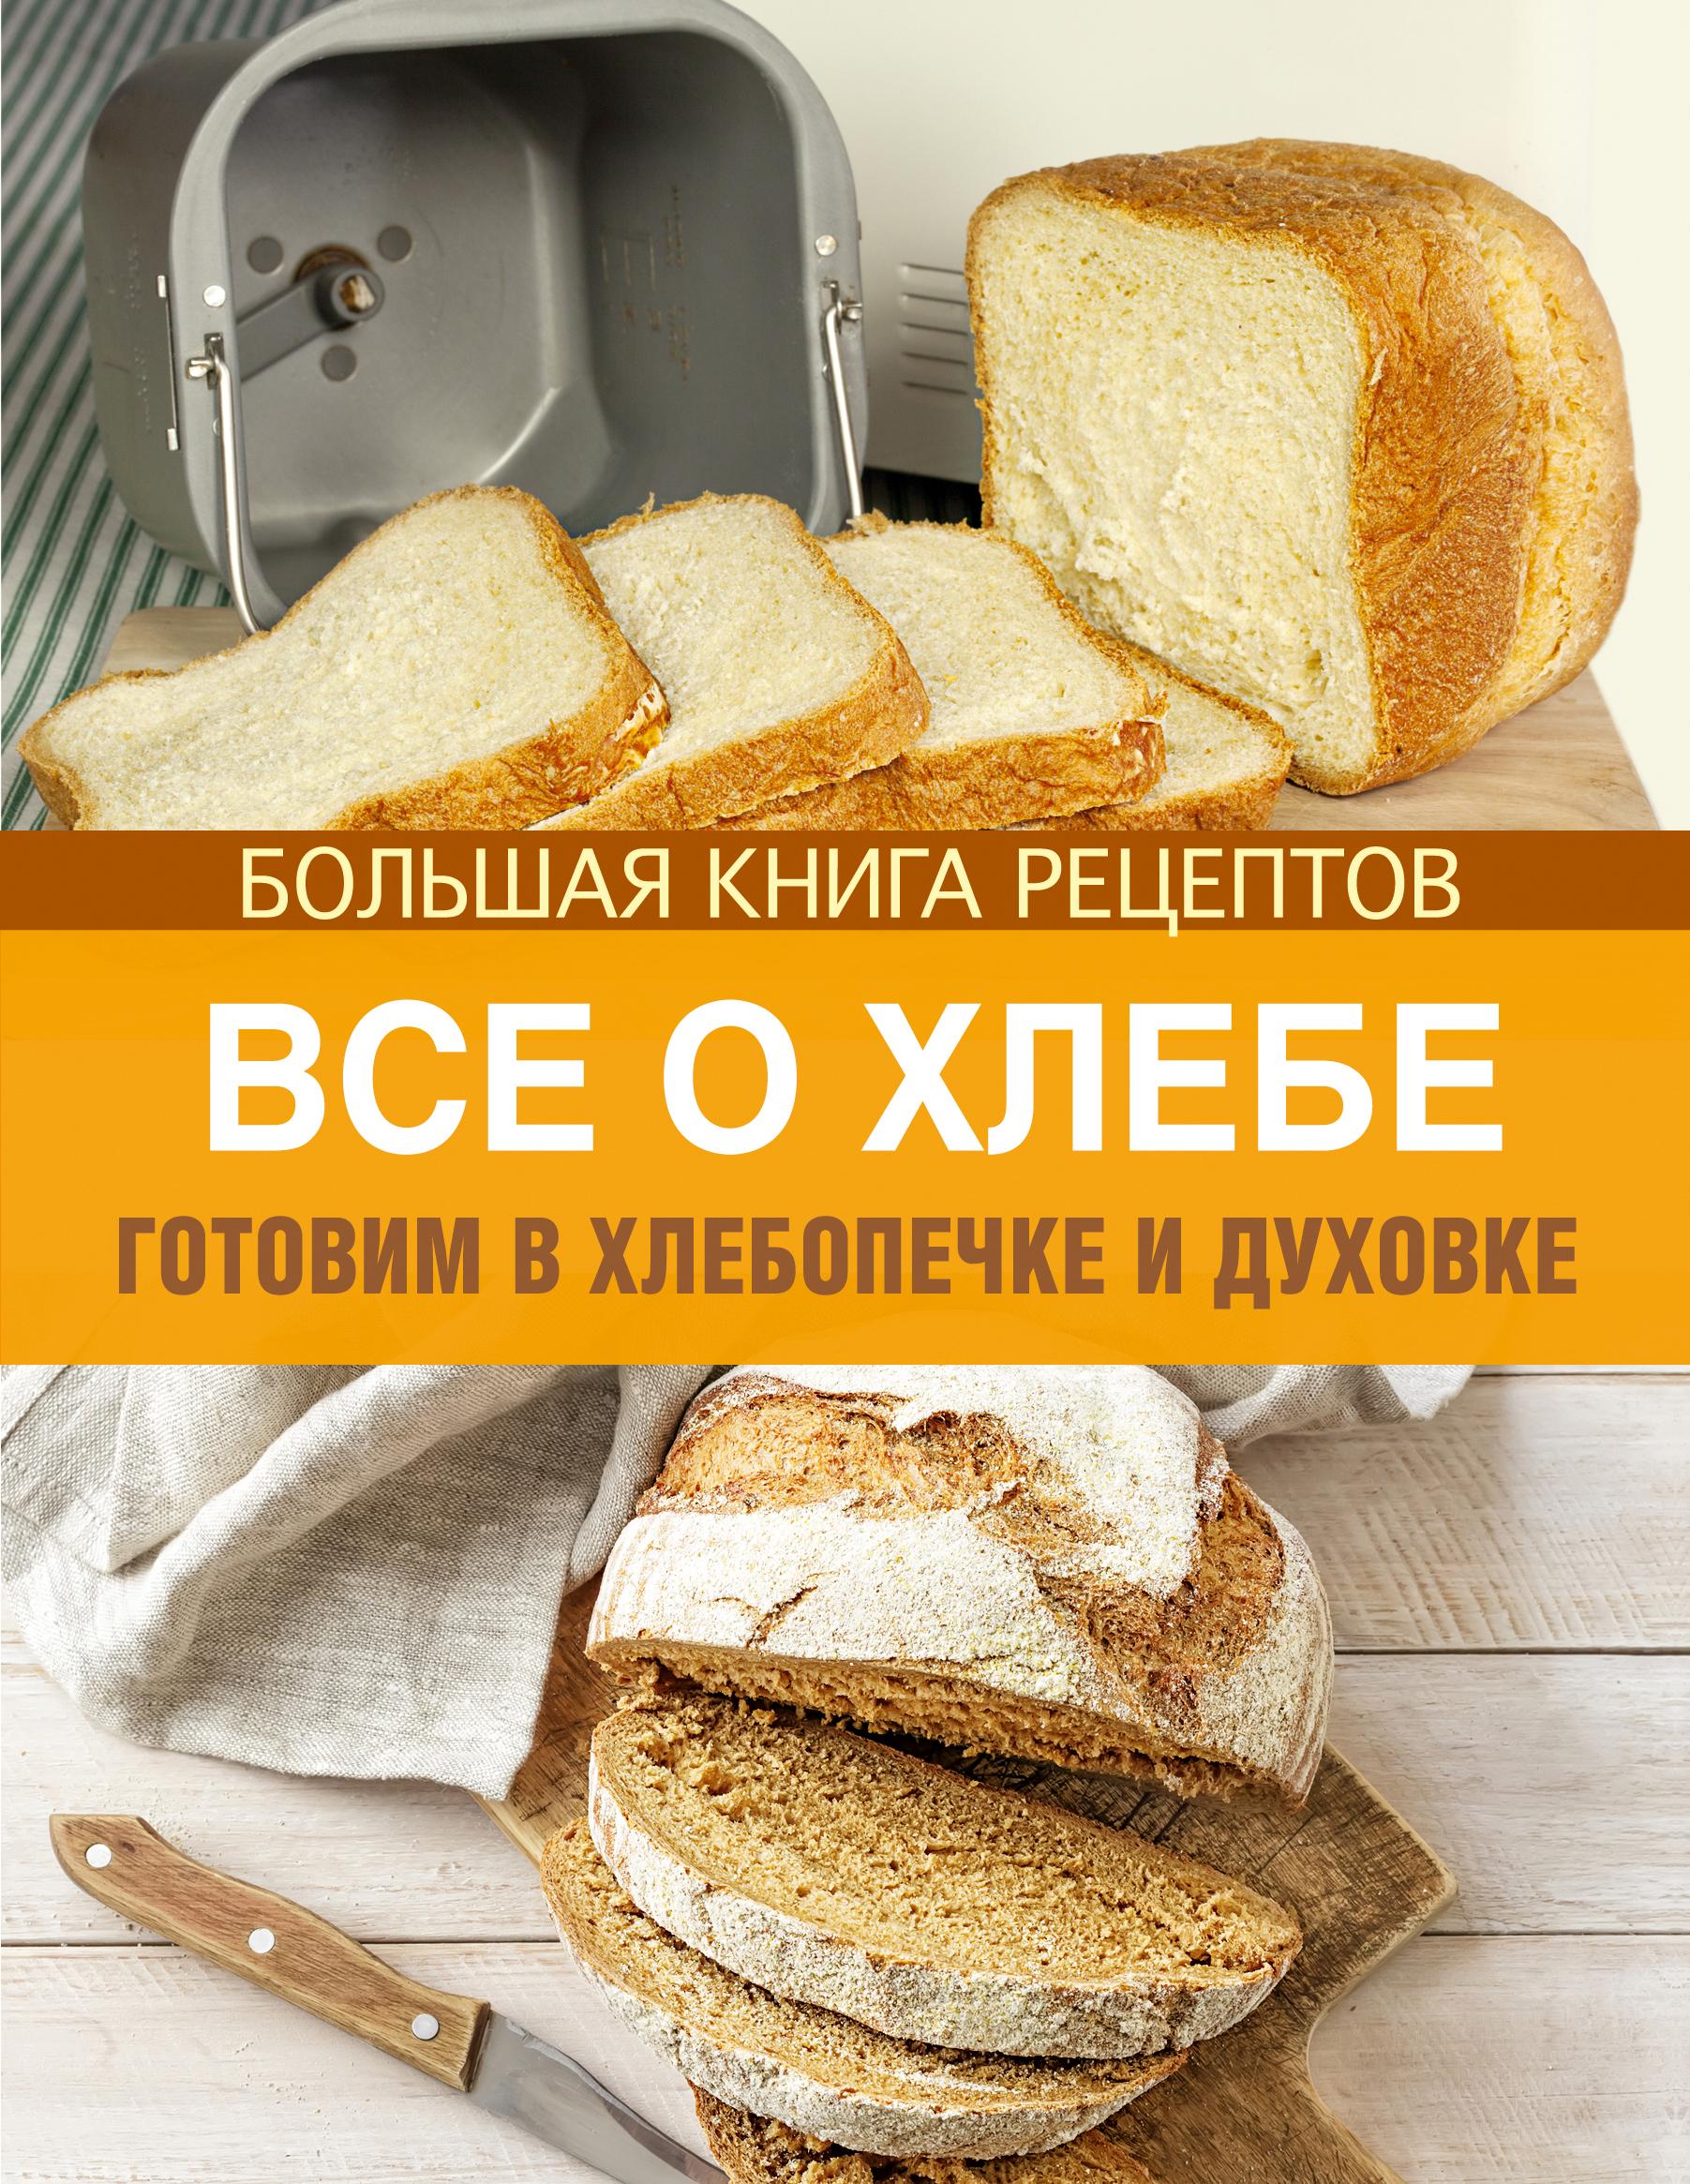 Все о хлебе. Готовим в хлебопечке и духовке